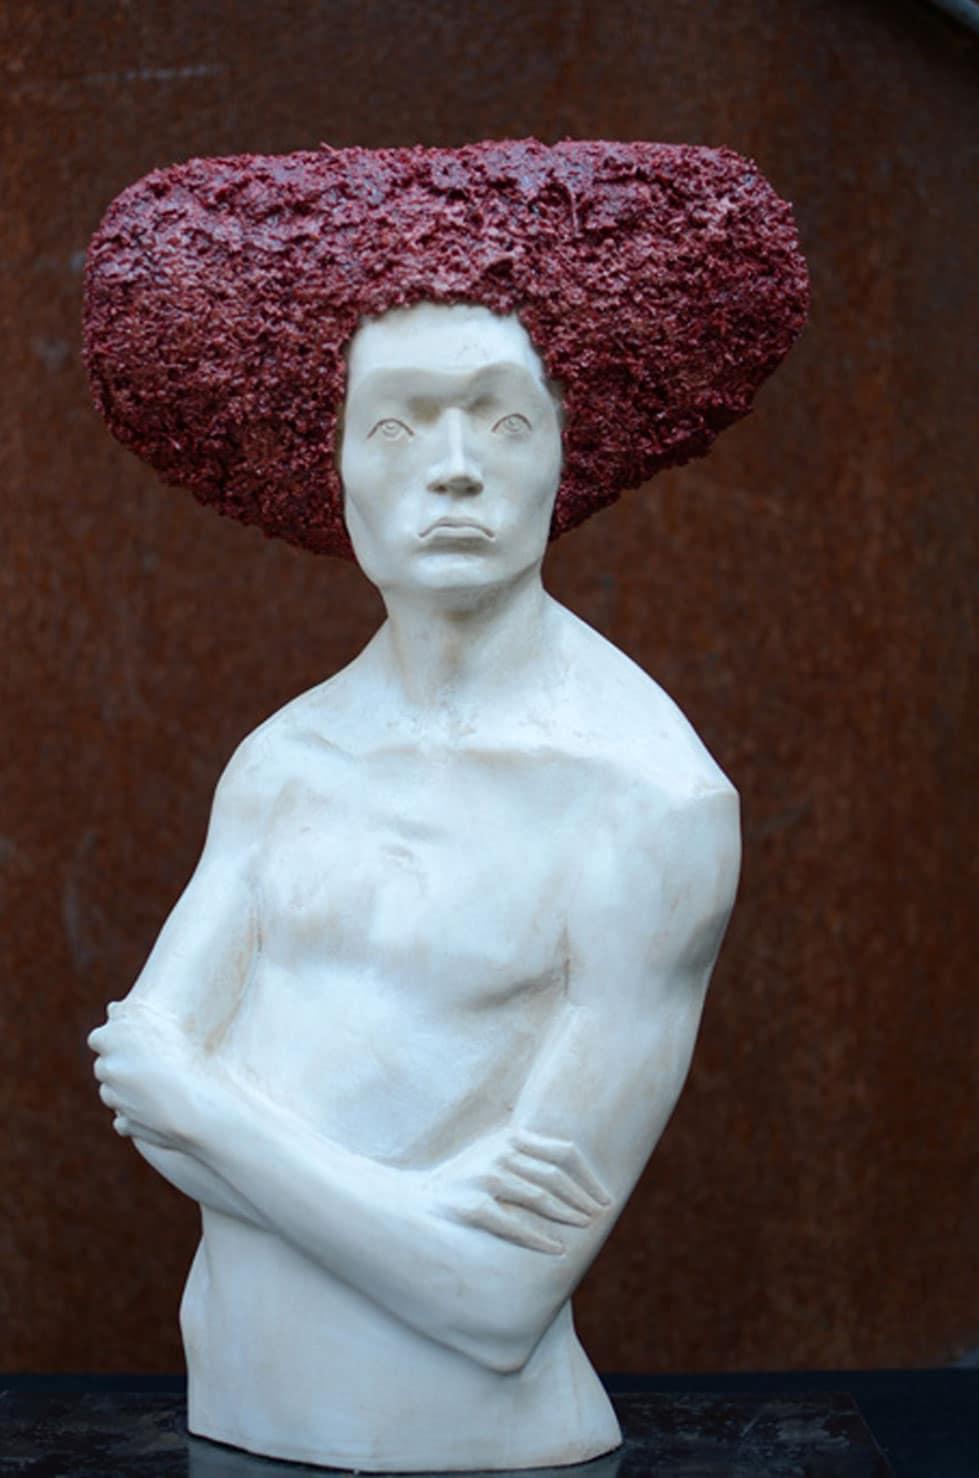 """"""" Red Soul """" 43 cm, tilleul, 2013 - Pièce unique"""